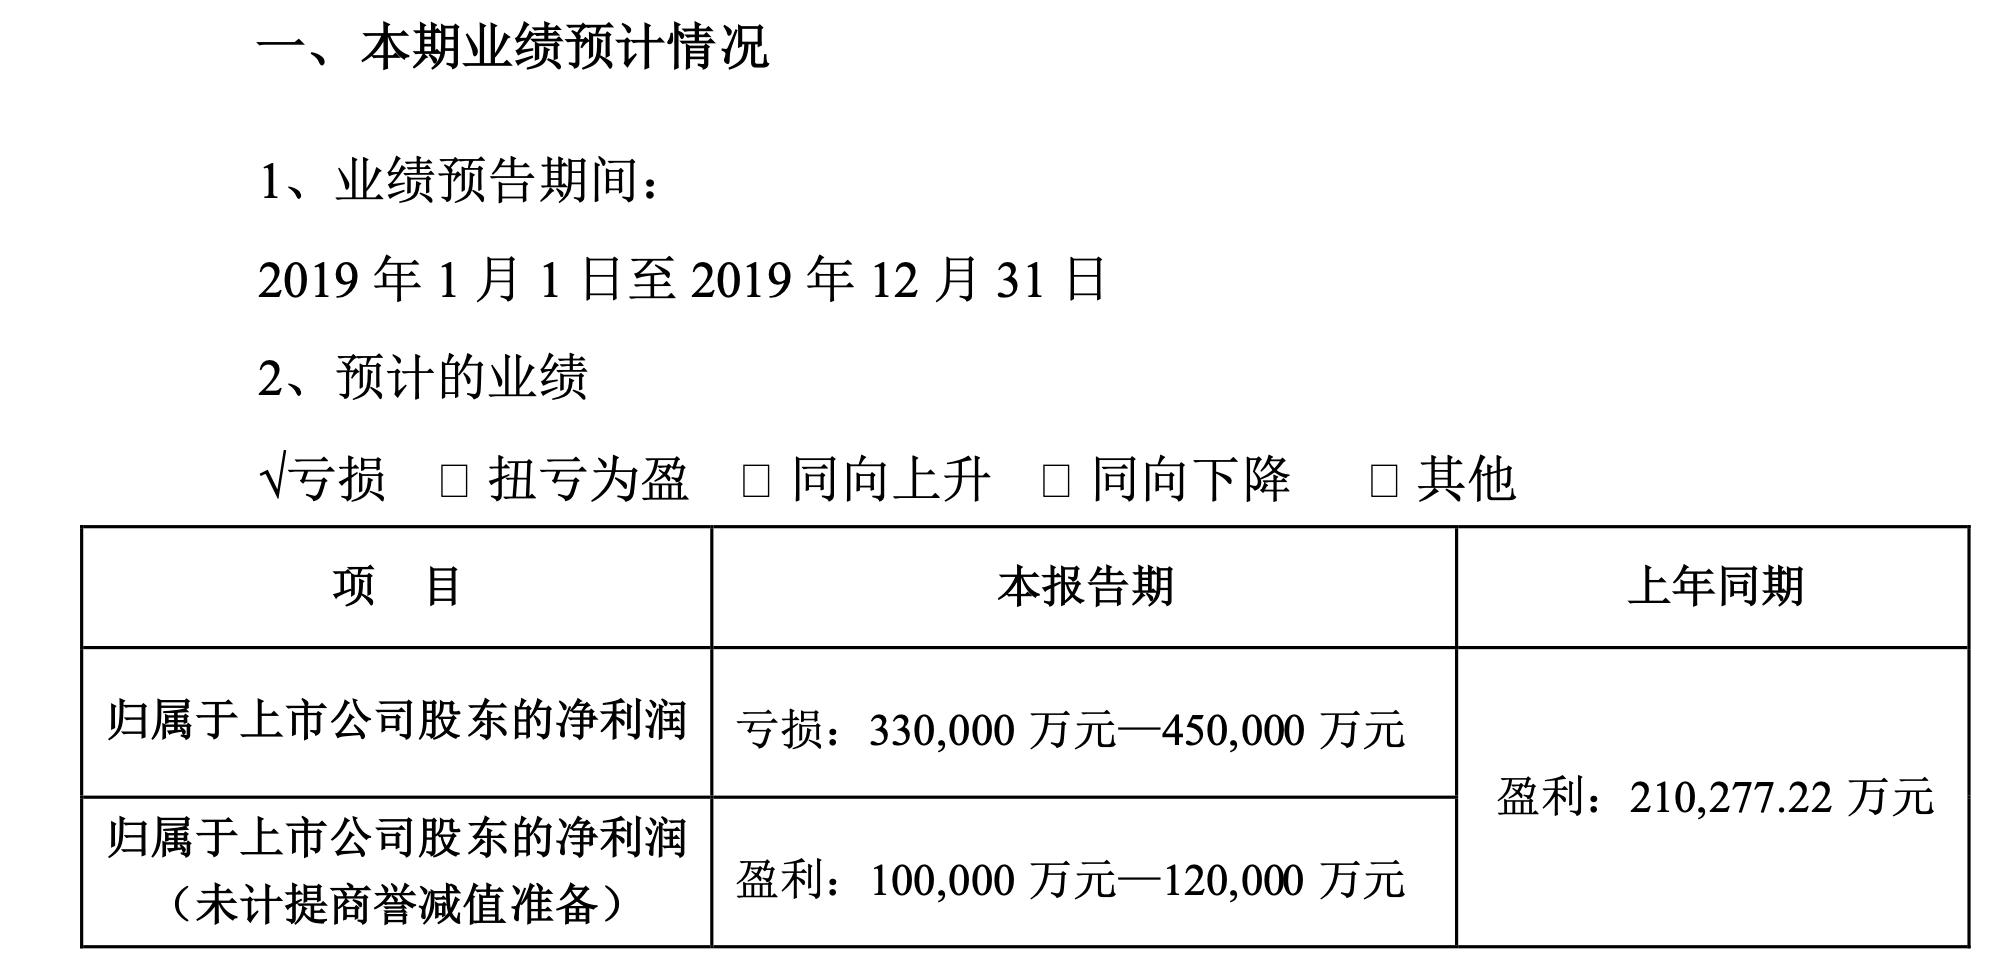 清水漪澜万达电影2019年预亏33亿至45亿,子公司万